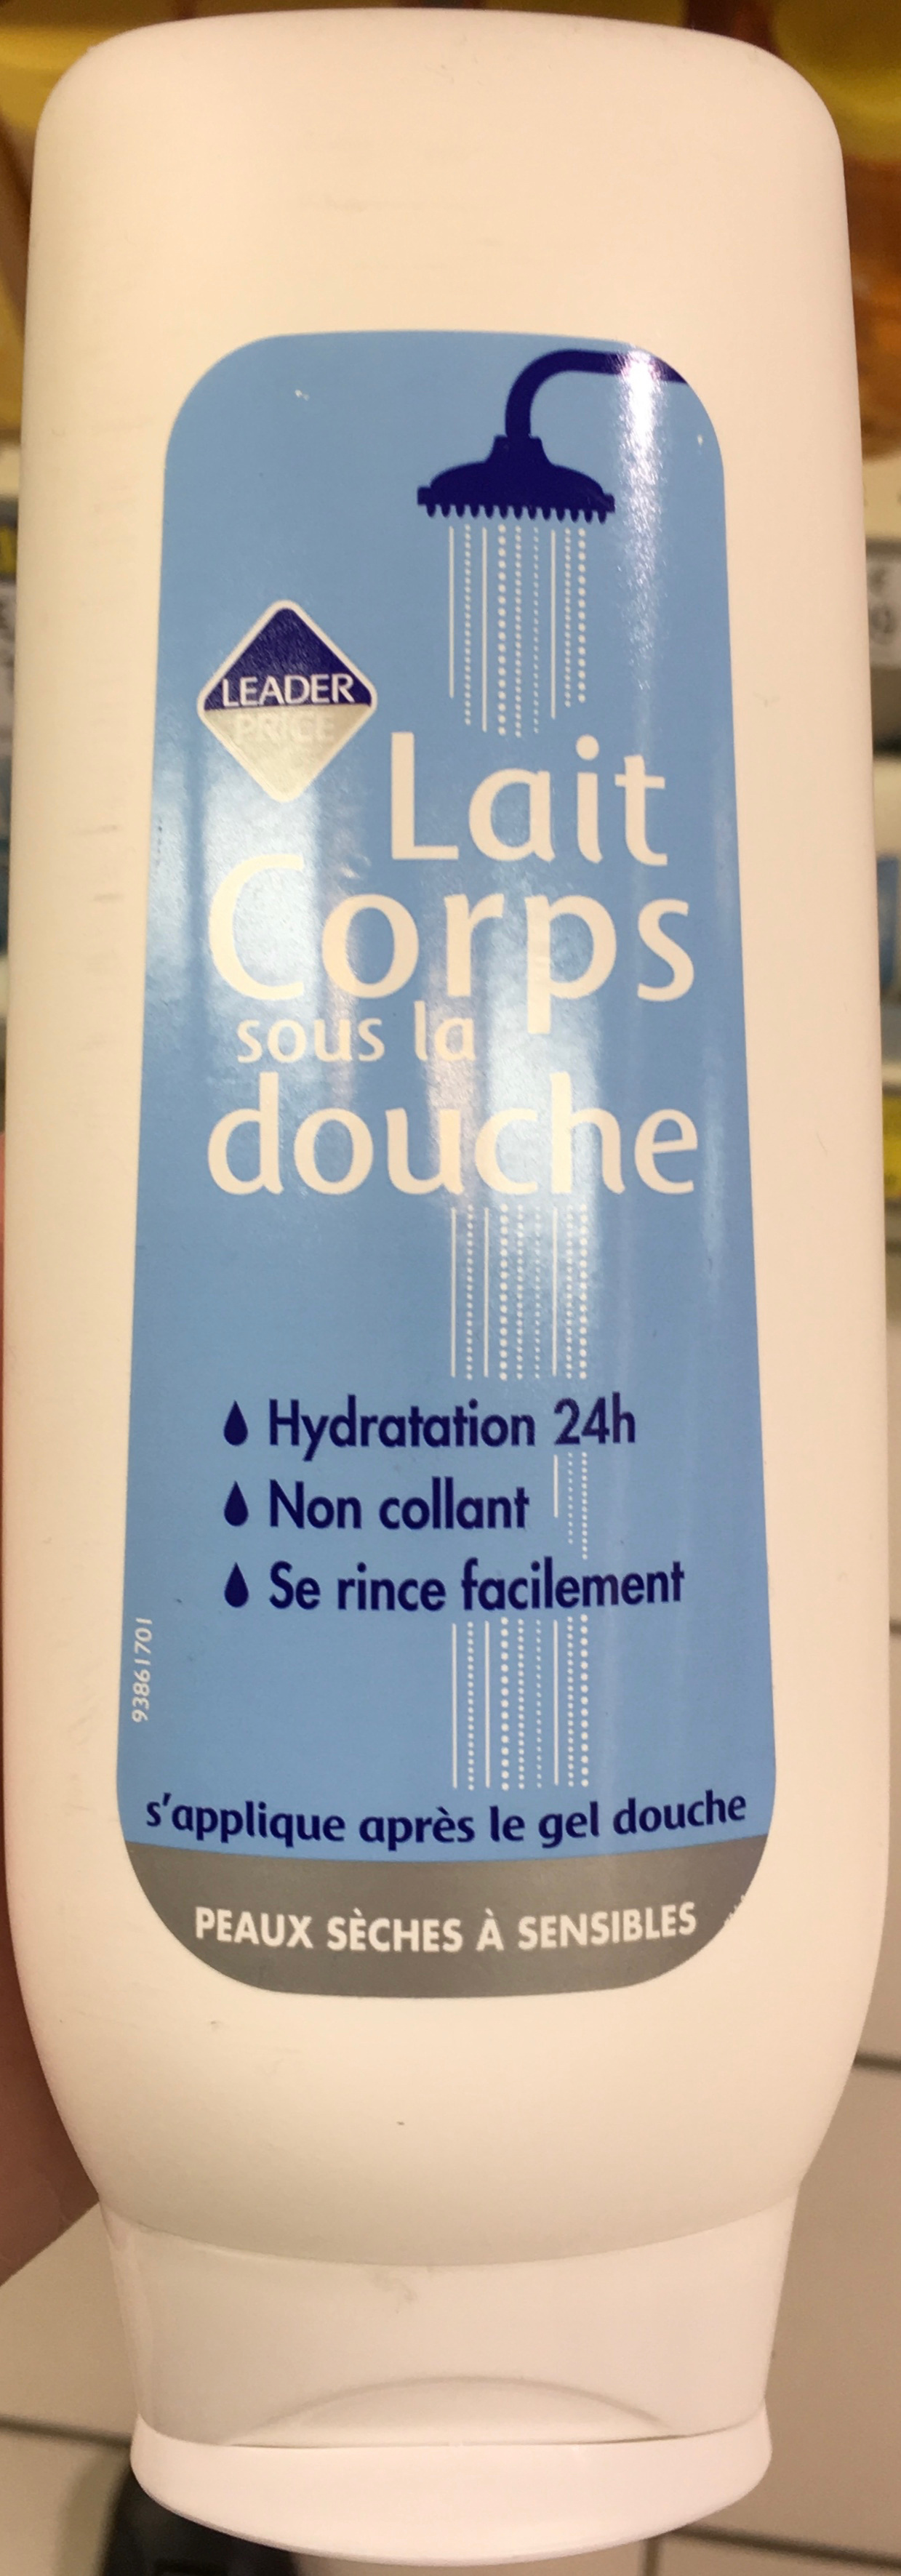 Laits Corps sous la douche - Product - fr